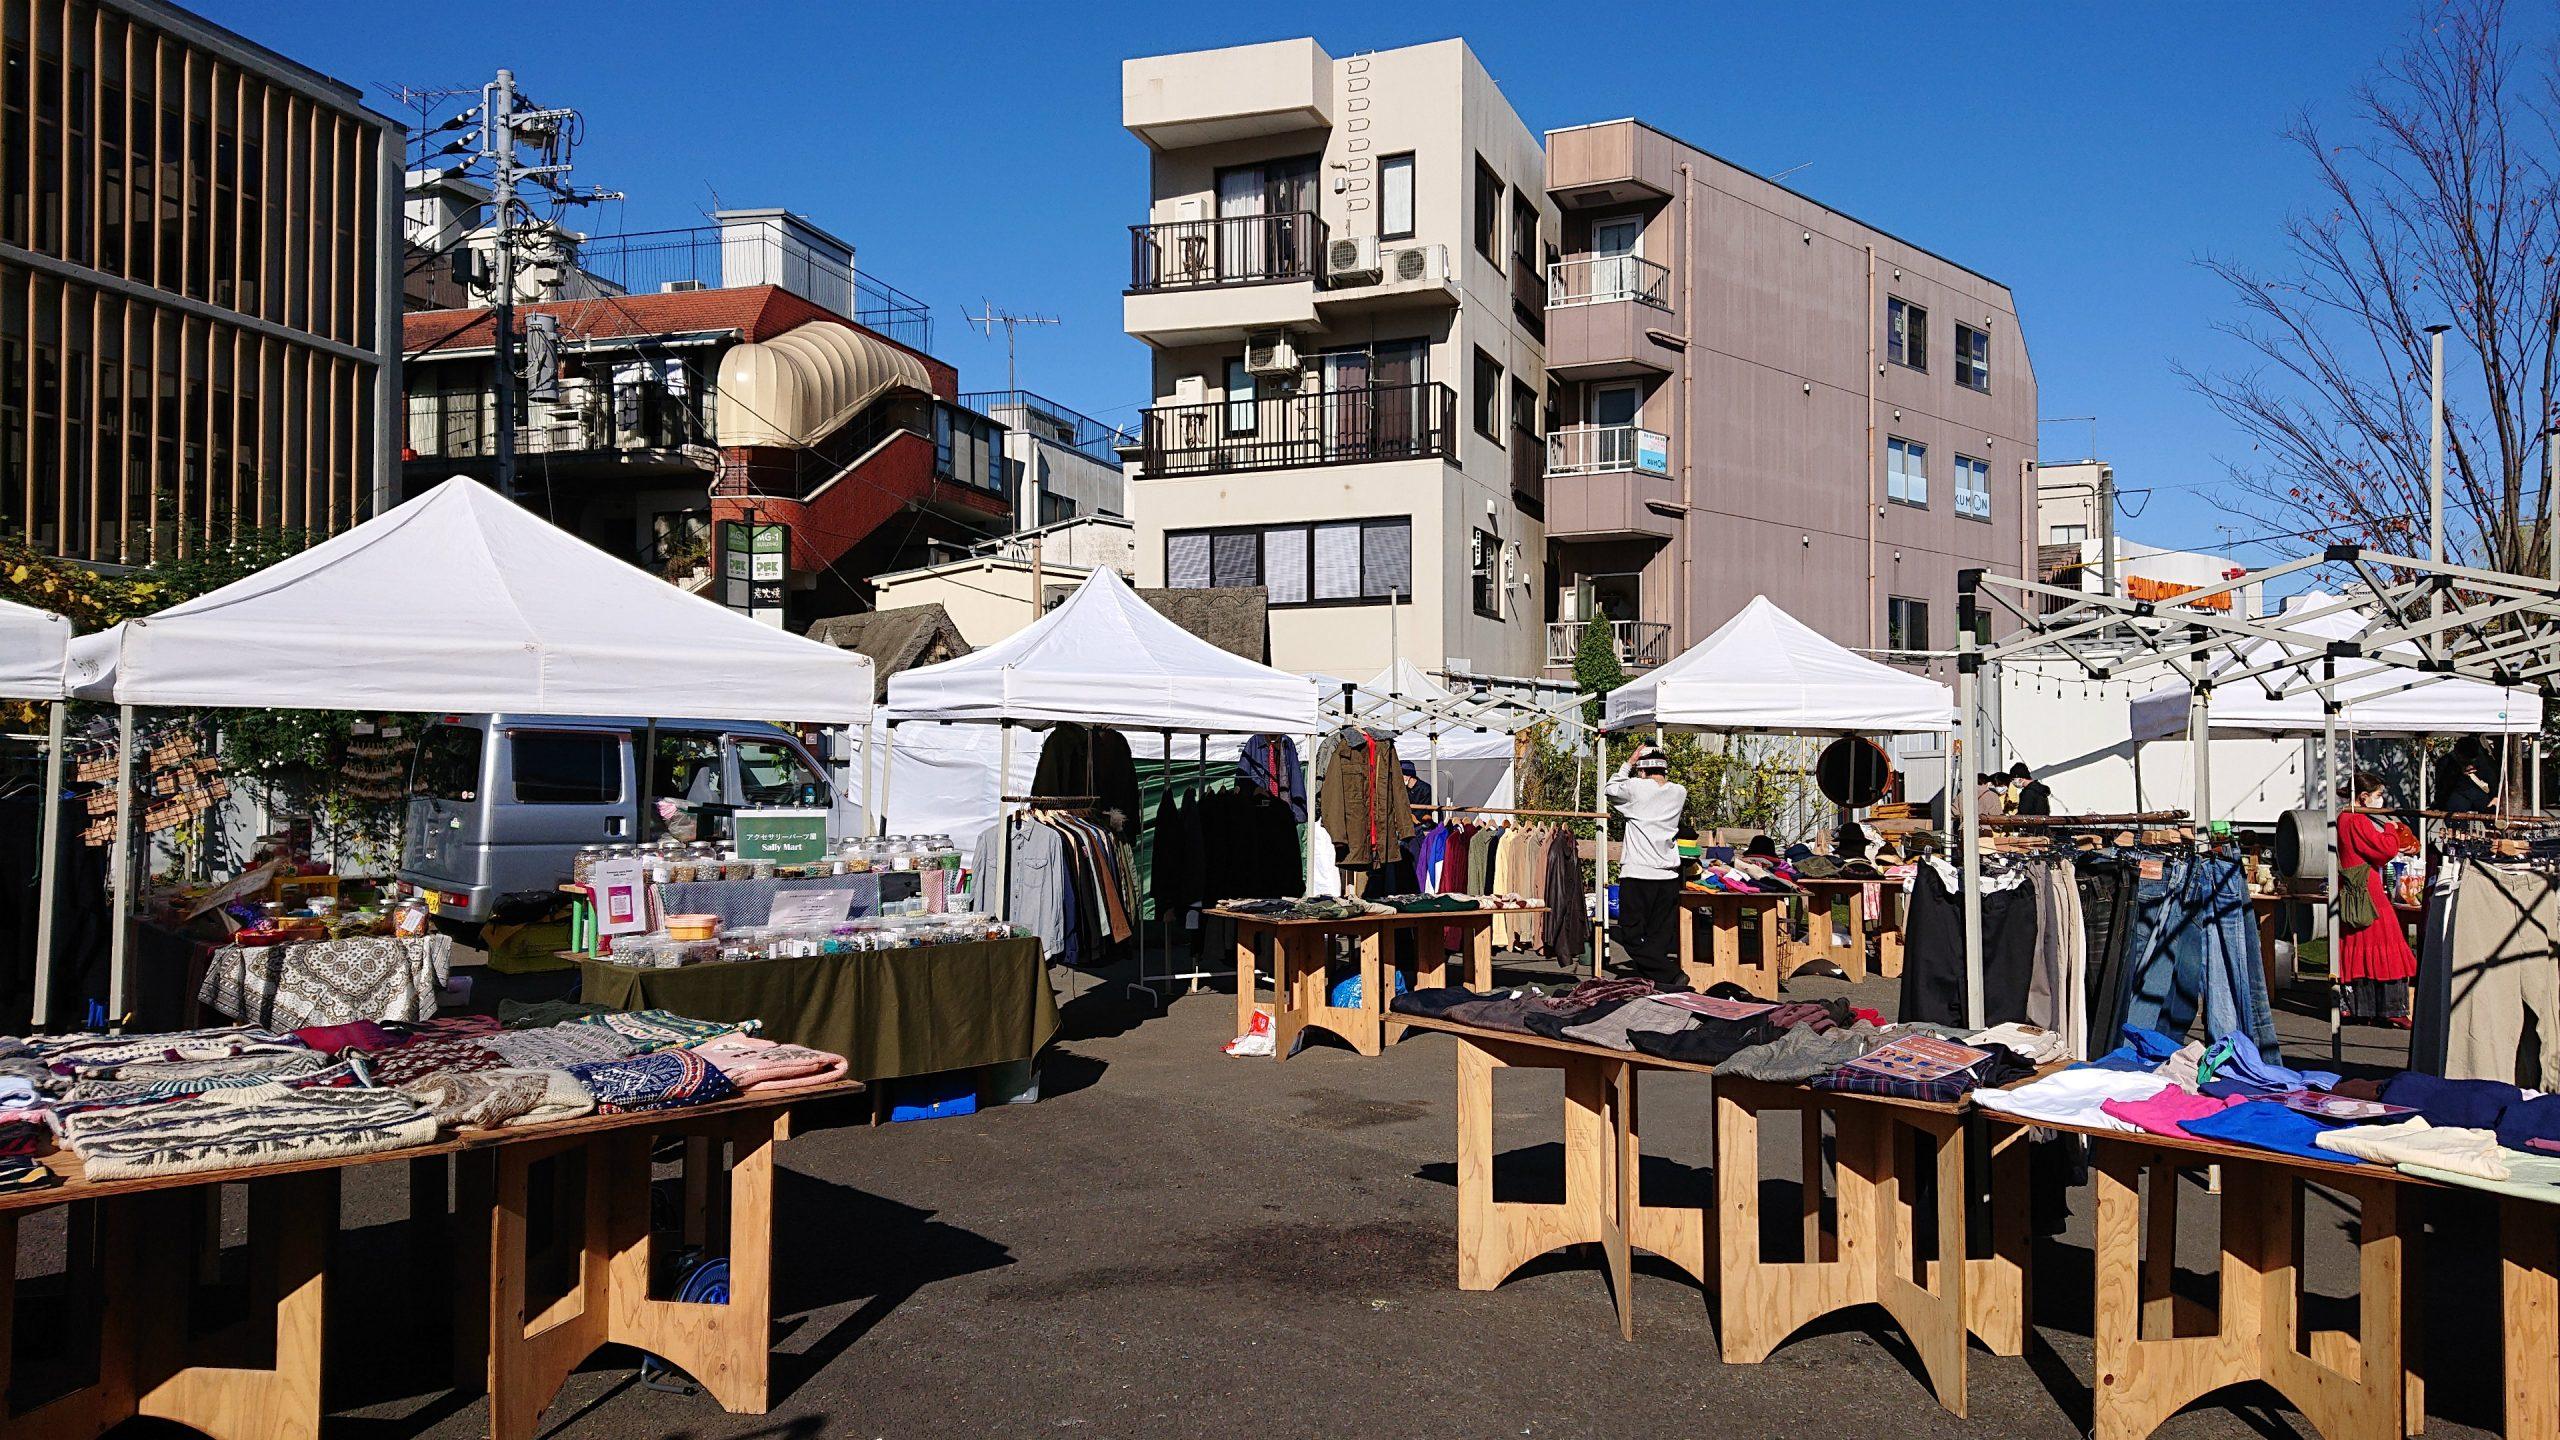 下北沢ホリデーマーケット20201128(16)